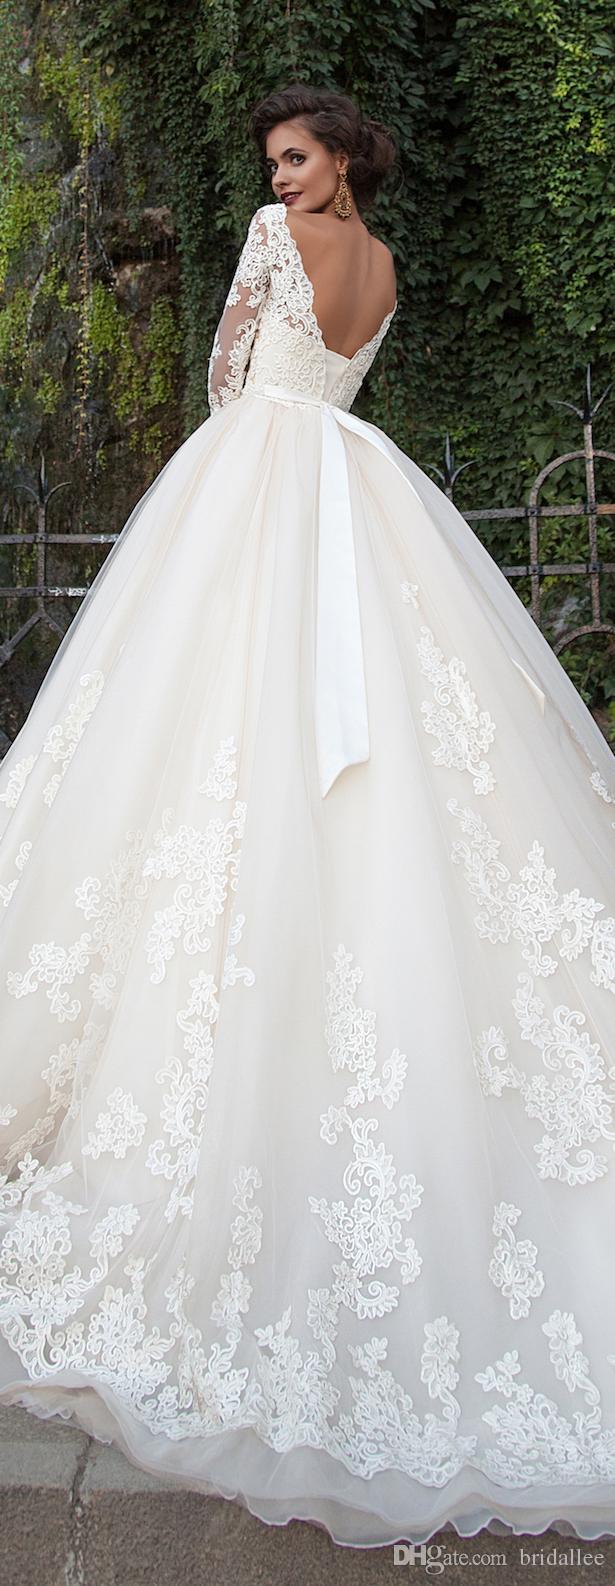 Robe De Noiva Robe De Mariage Robe De Mariage Robe De Mariée En Mousseline De Soie Appliques Robes De Mariée